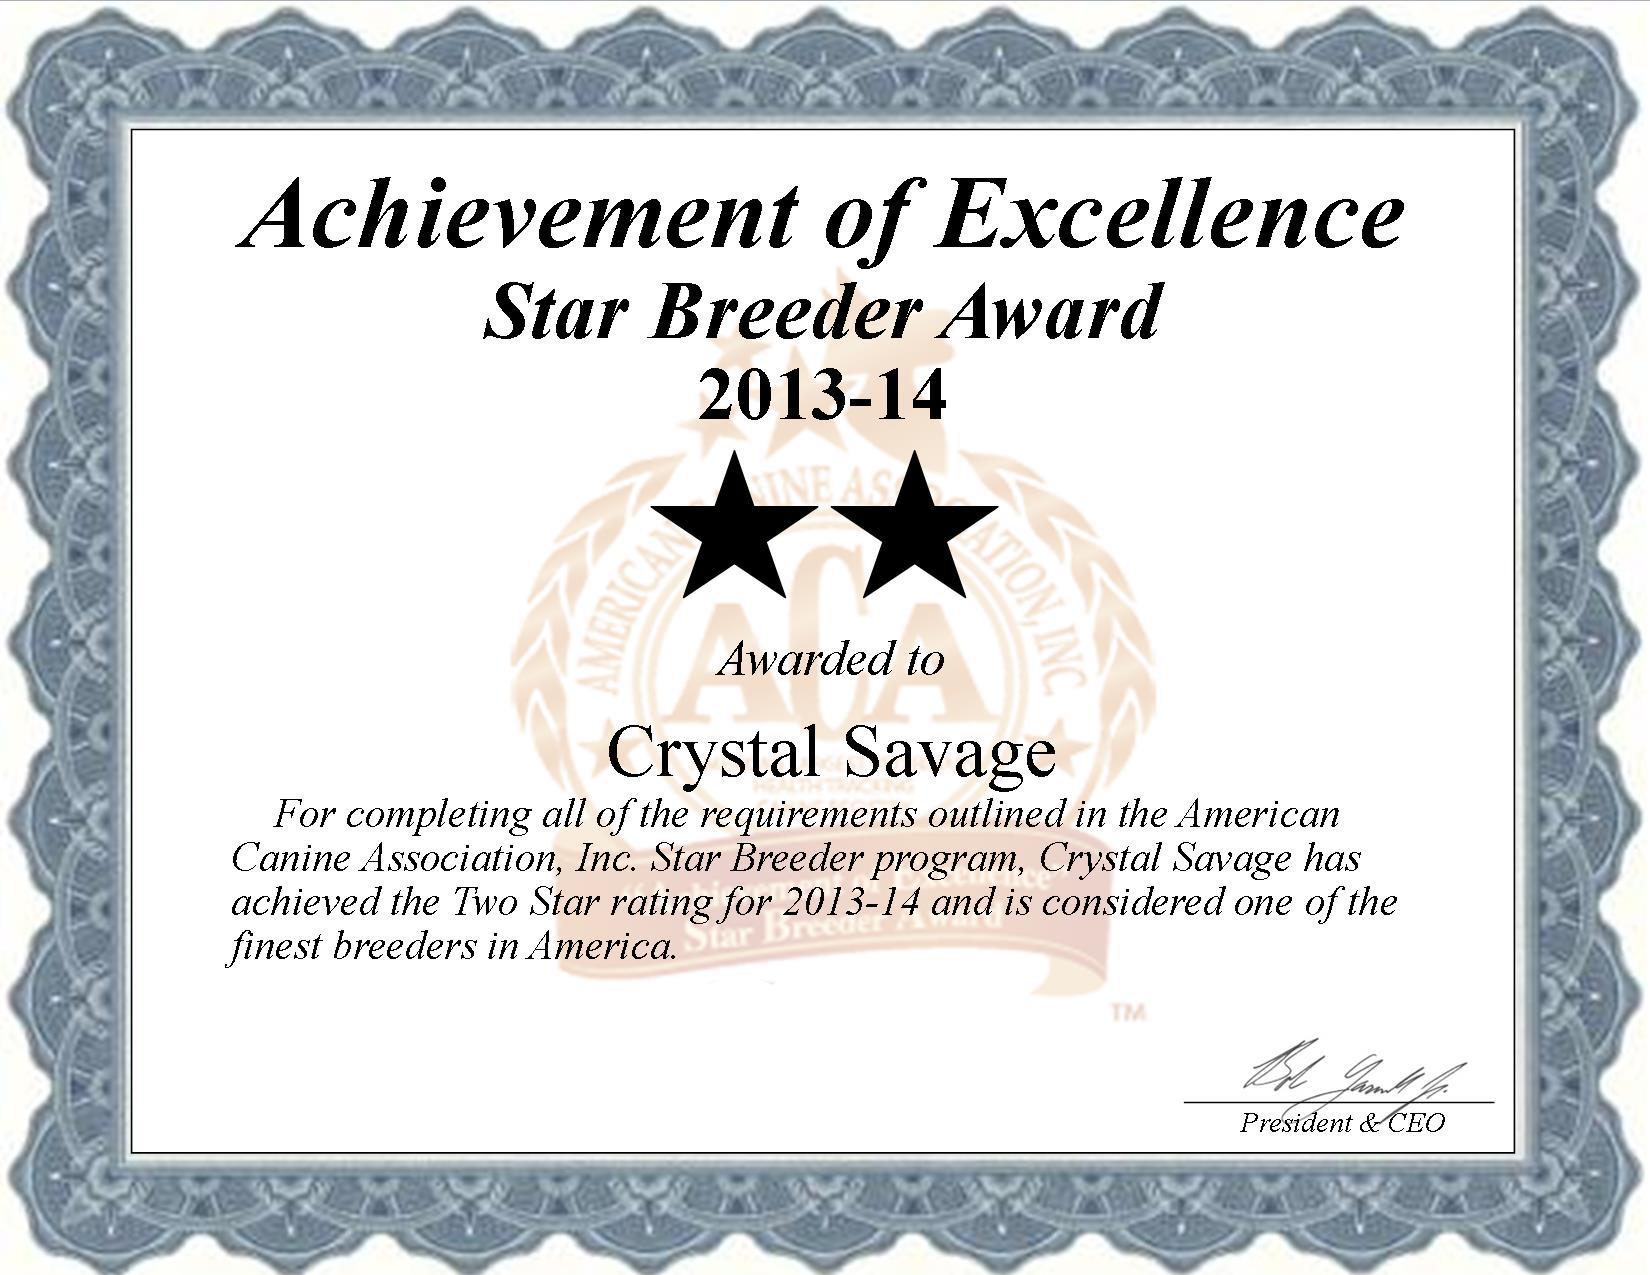 Crystal Savage, Crystal, Savage, Savage kennel, Crystal Savage breeder, Antlers, OK, Oklahoma, Antlers OK, breeder, star breeder, 5 star breeders,  starbreeder, starbreeders, 2 star, dog,  puppy, puppies